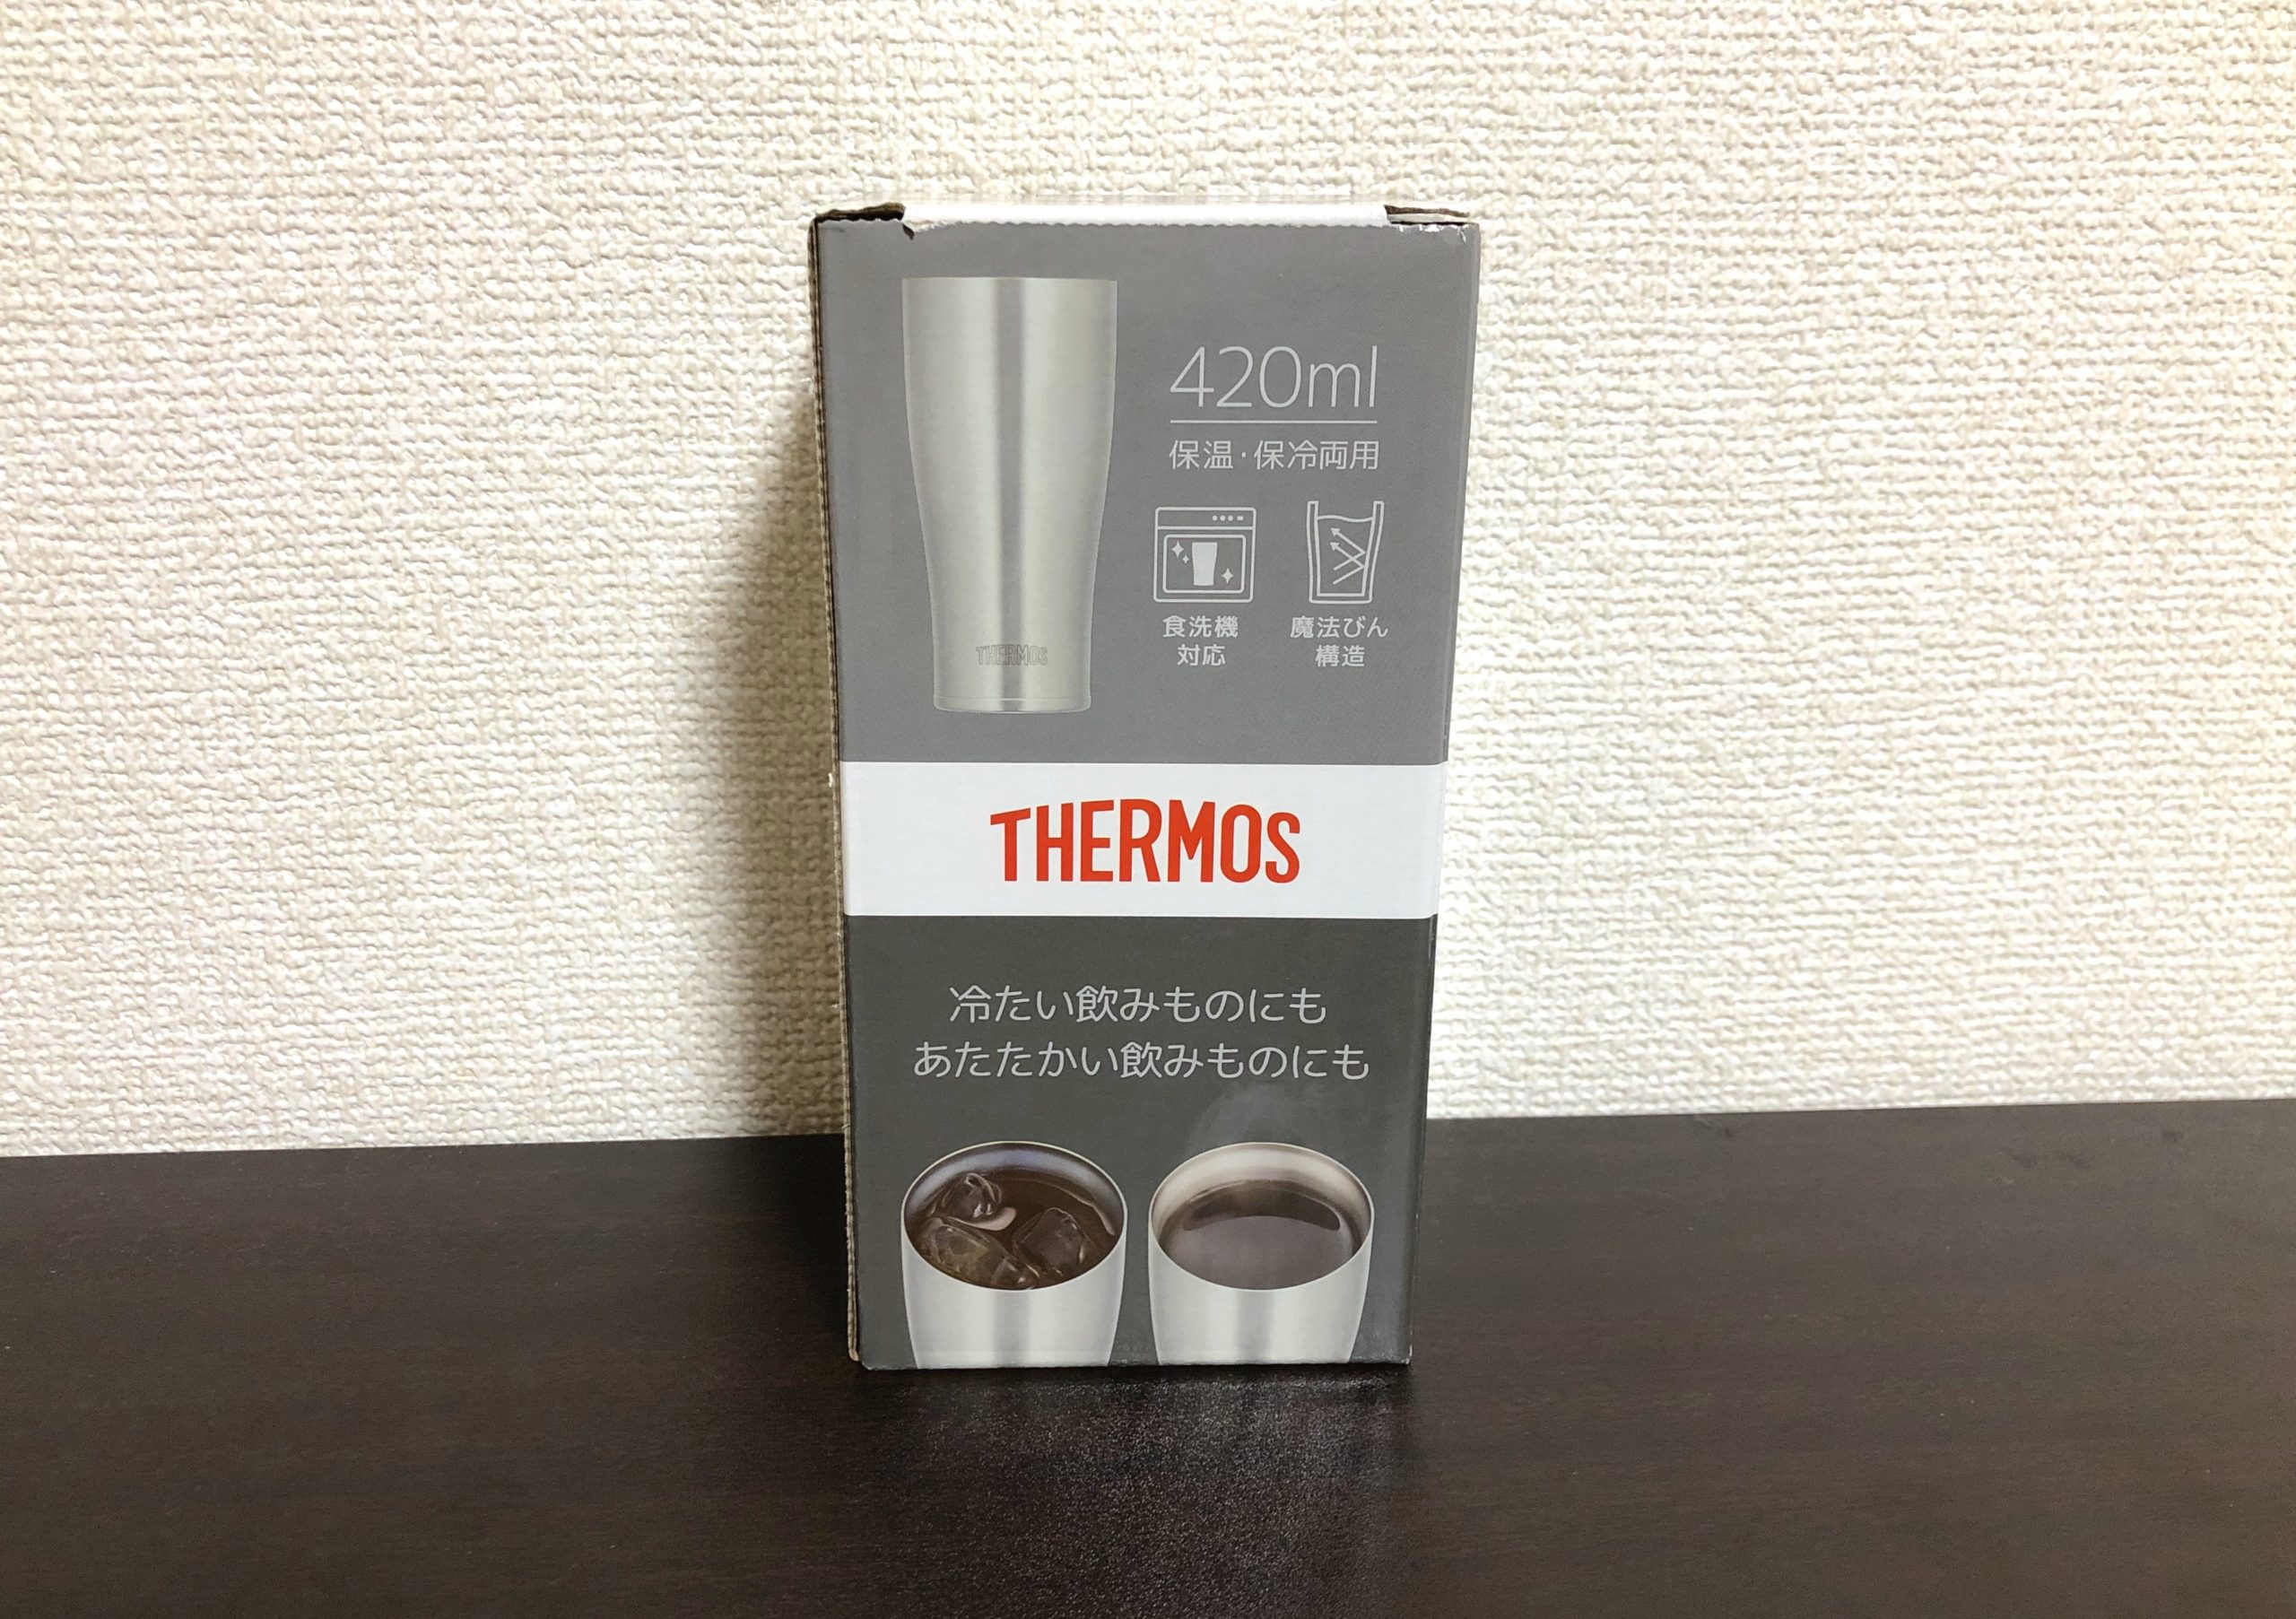 サーモス・真空断熱タンブラー 420ml(JDE-420)について